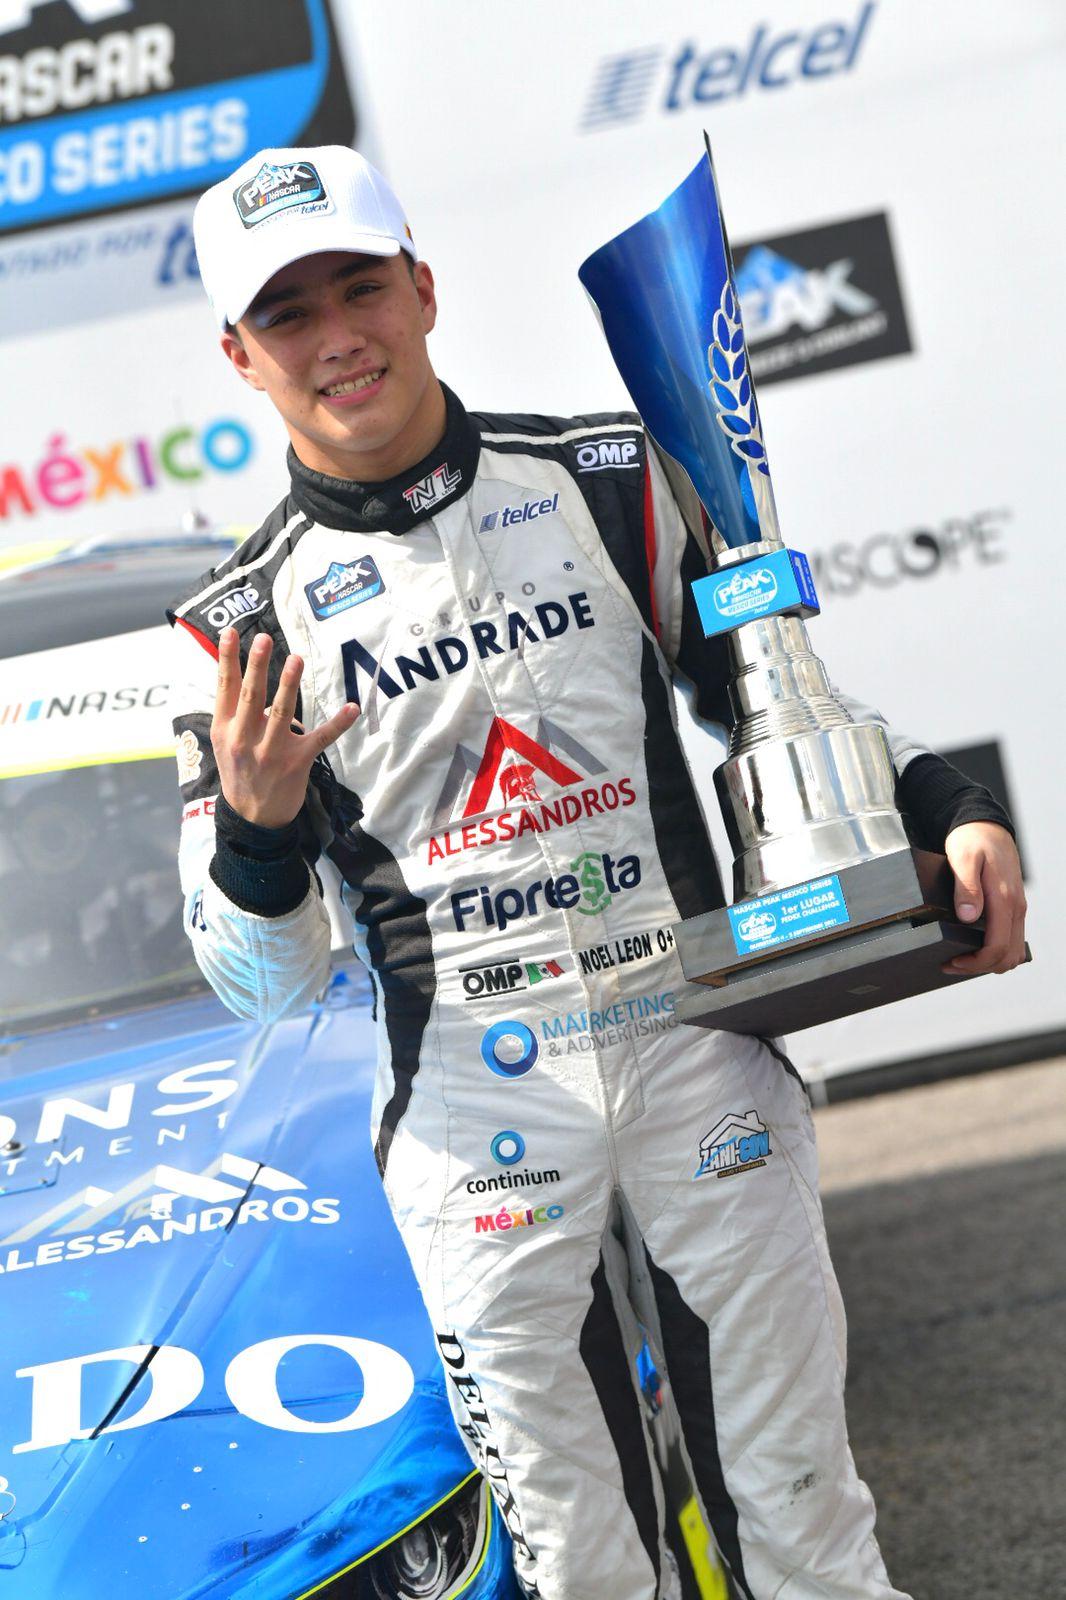 Noel León y Alessandros Racing dominan en la Challenge